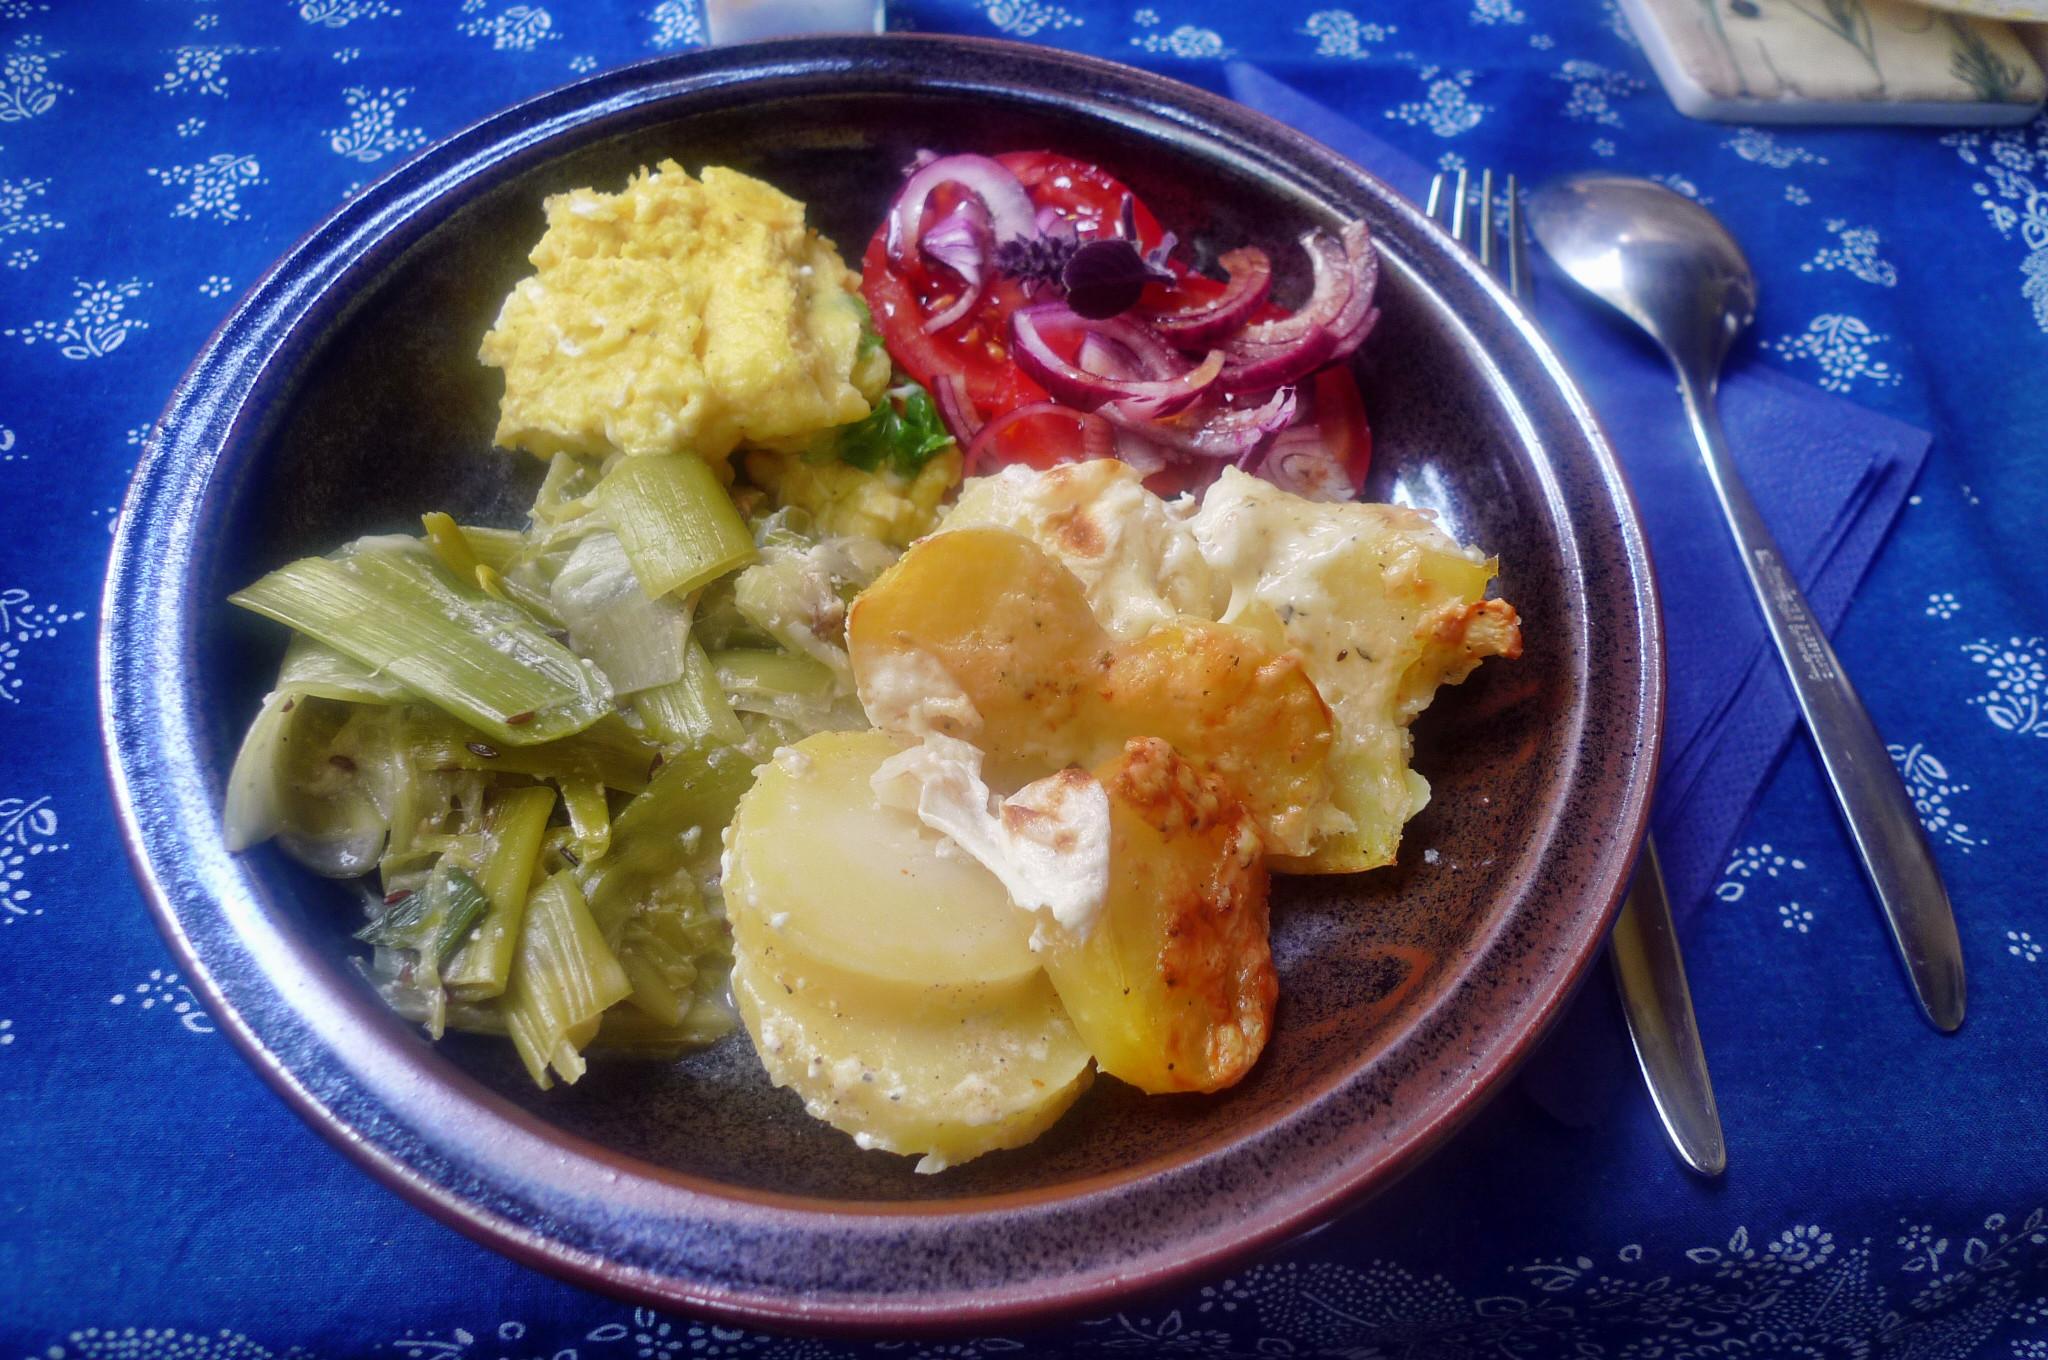 Porree-Kartoffelgratin-Ei-9.9.14   (20)